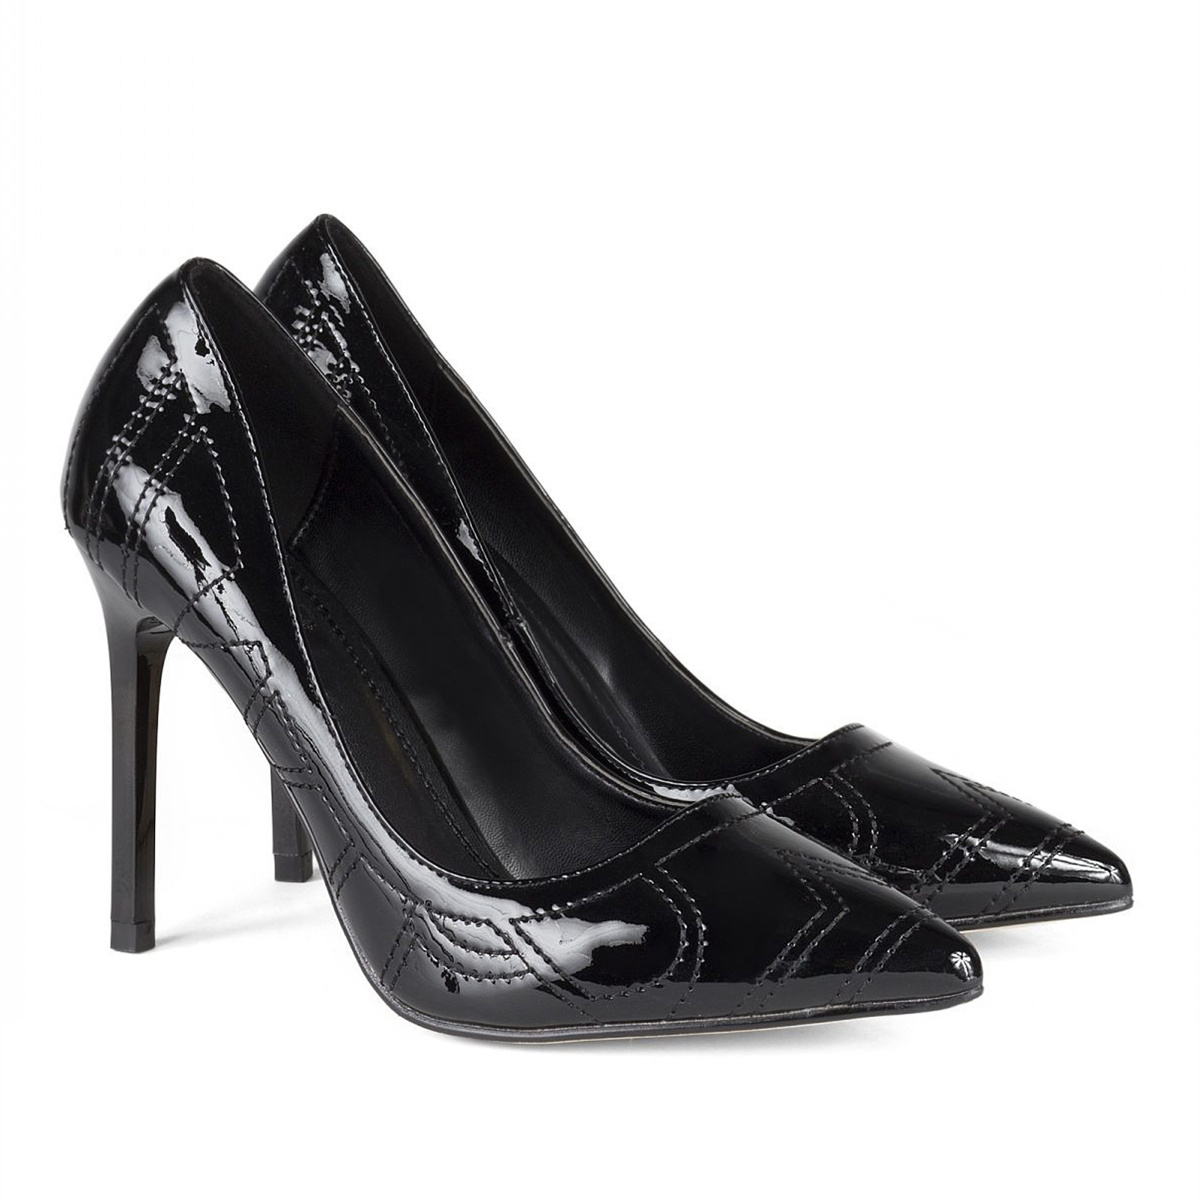 Black stilettos with shiny texture